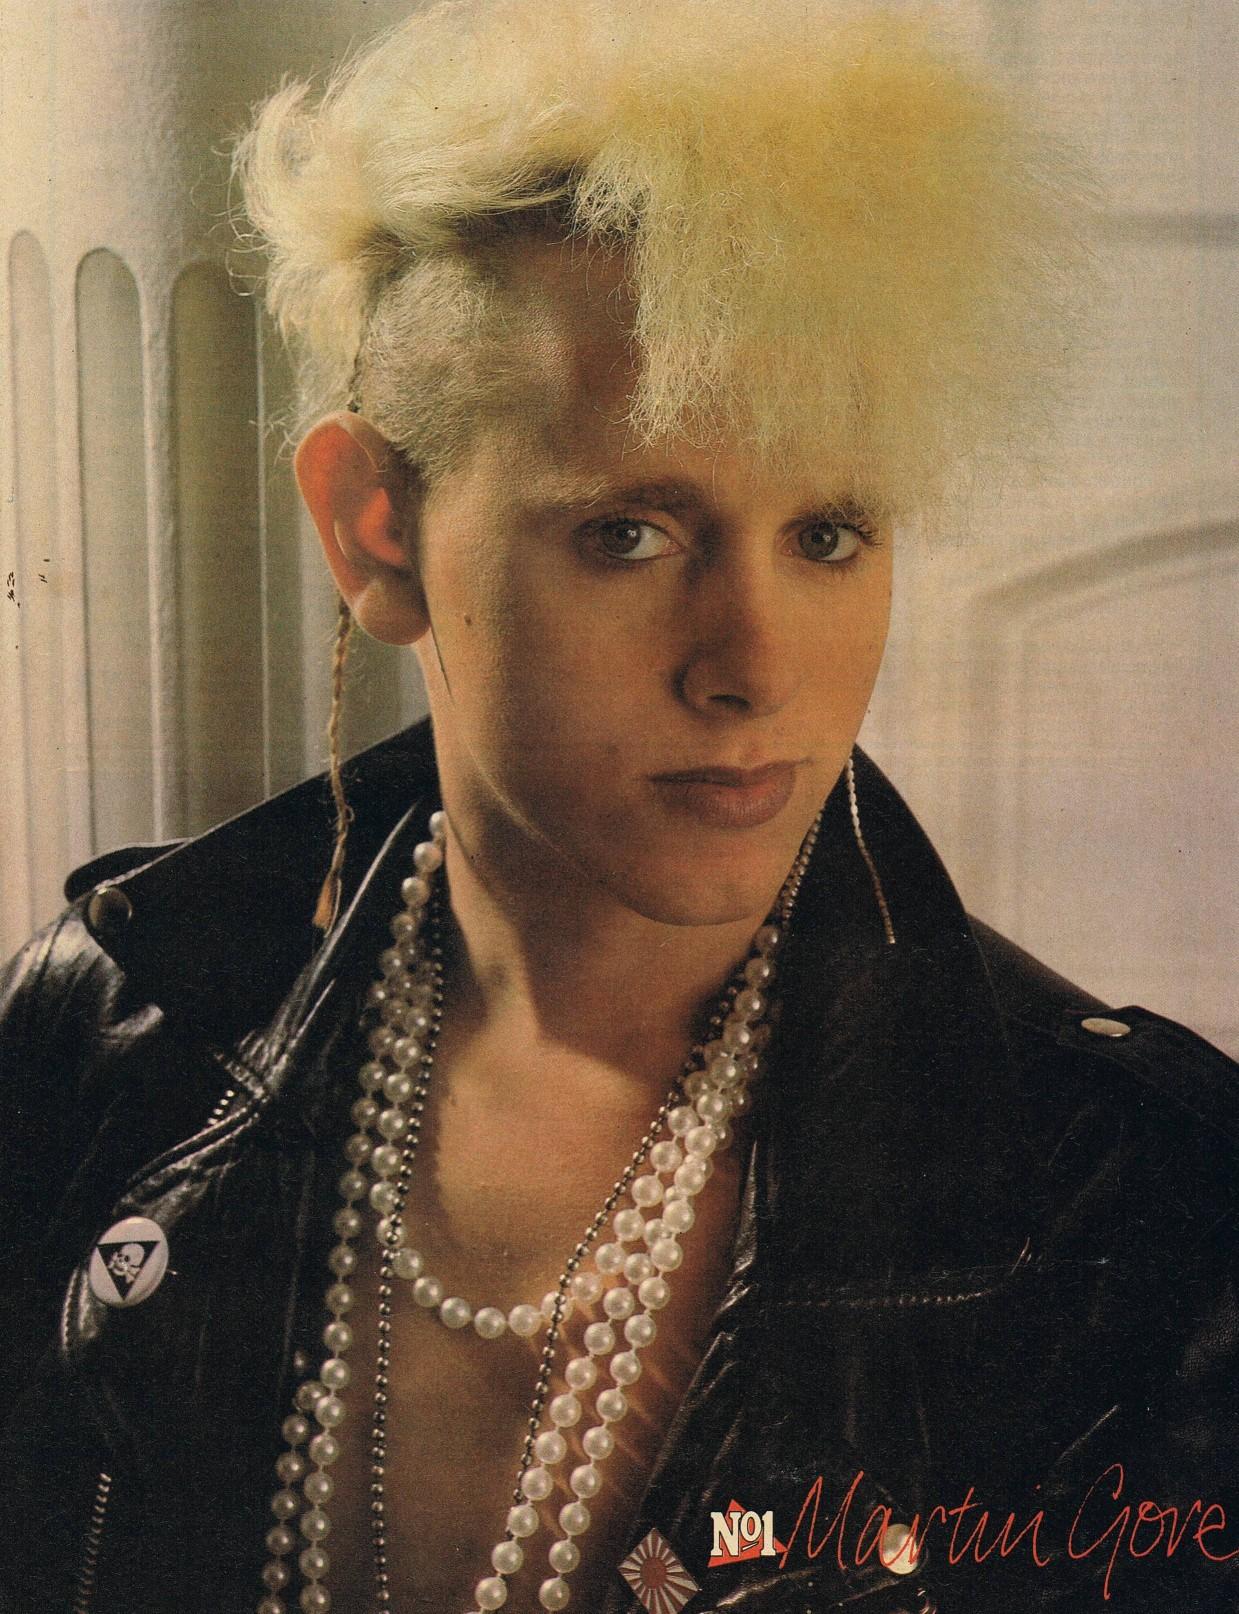 Zdroj: http://www.depechemode.co.il/post-bio-2#!prettyPhoto (a další foto)